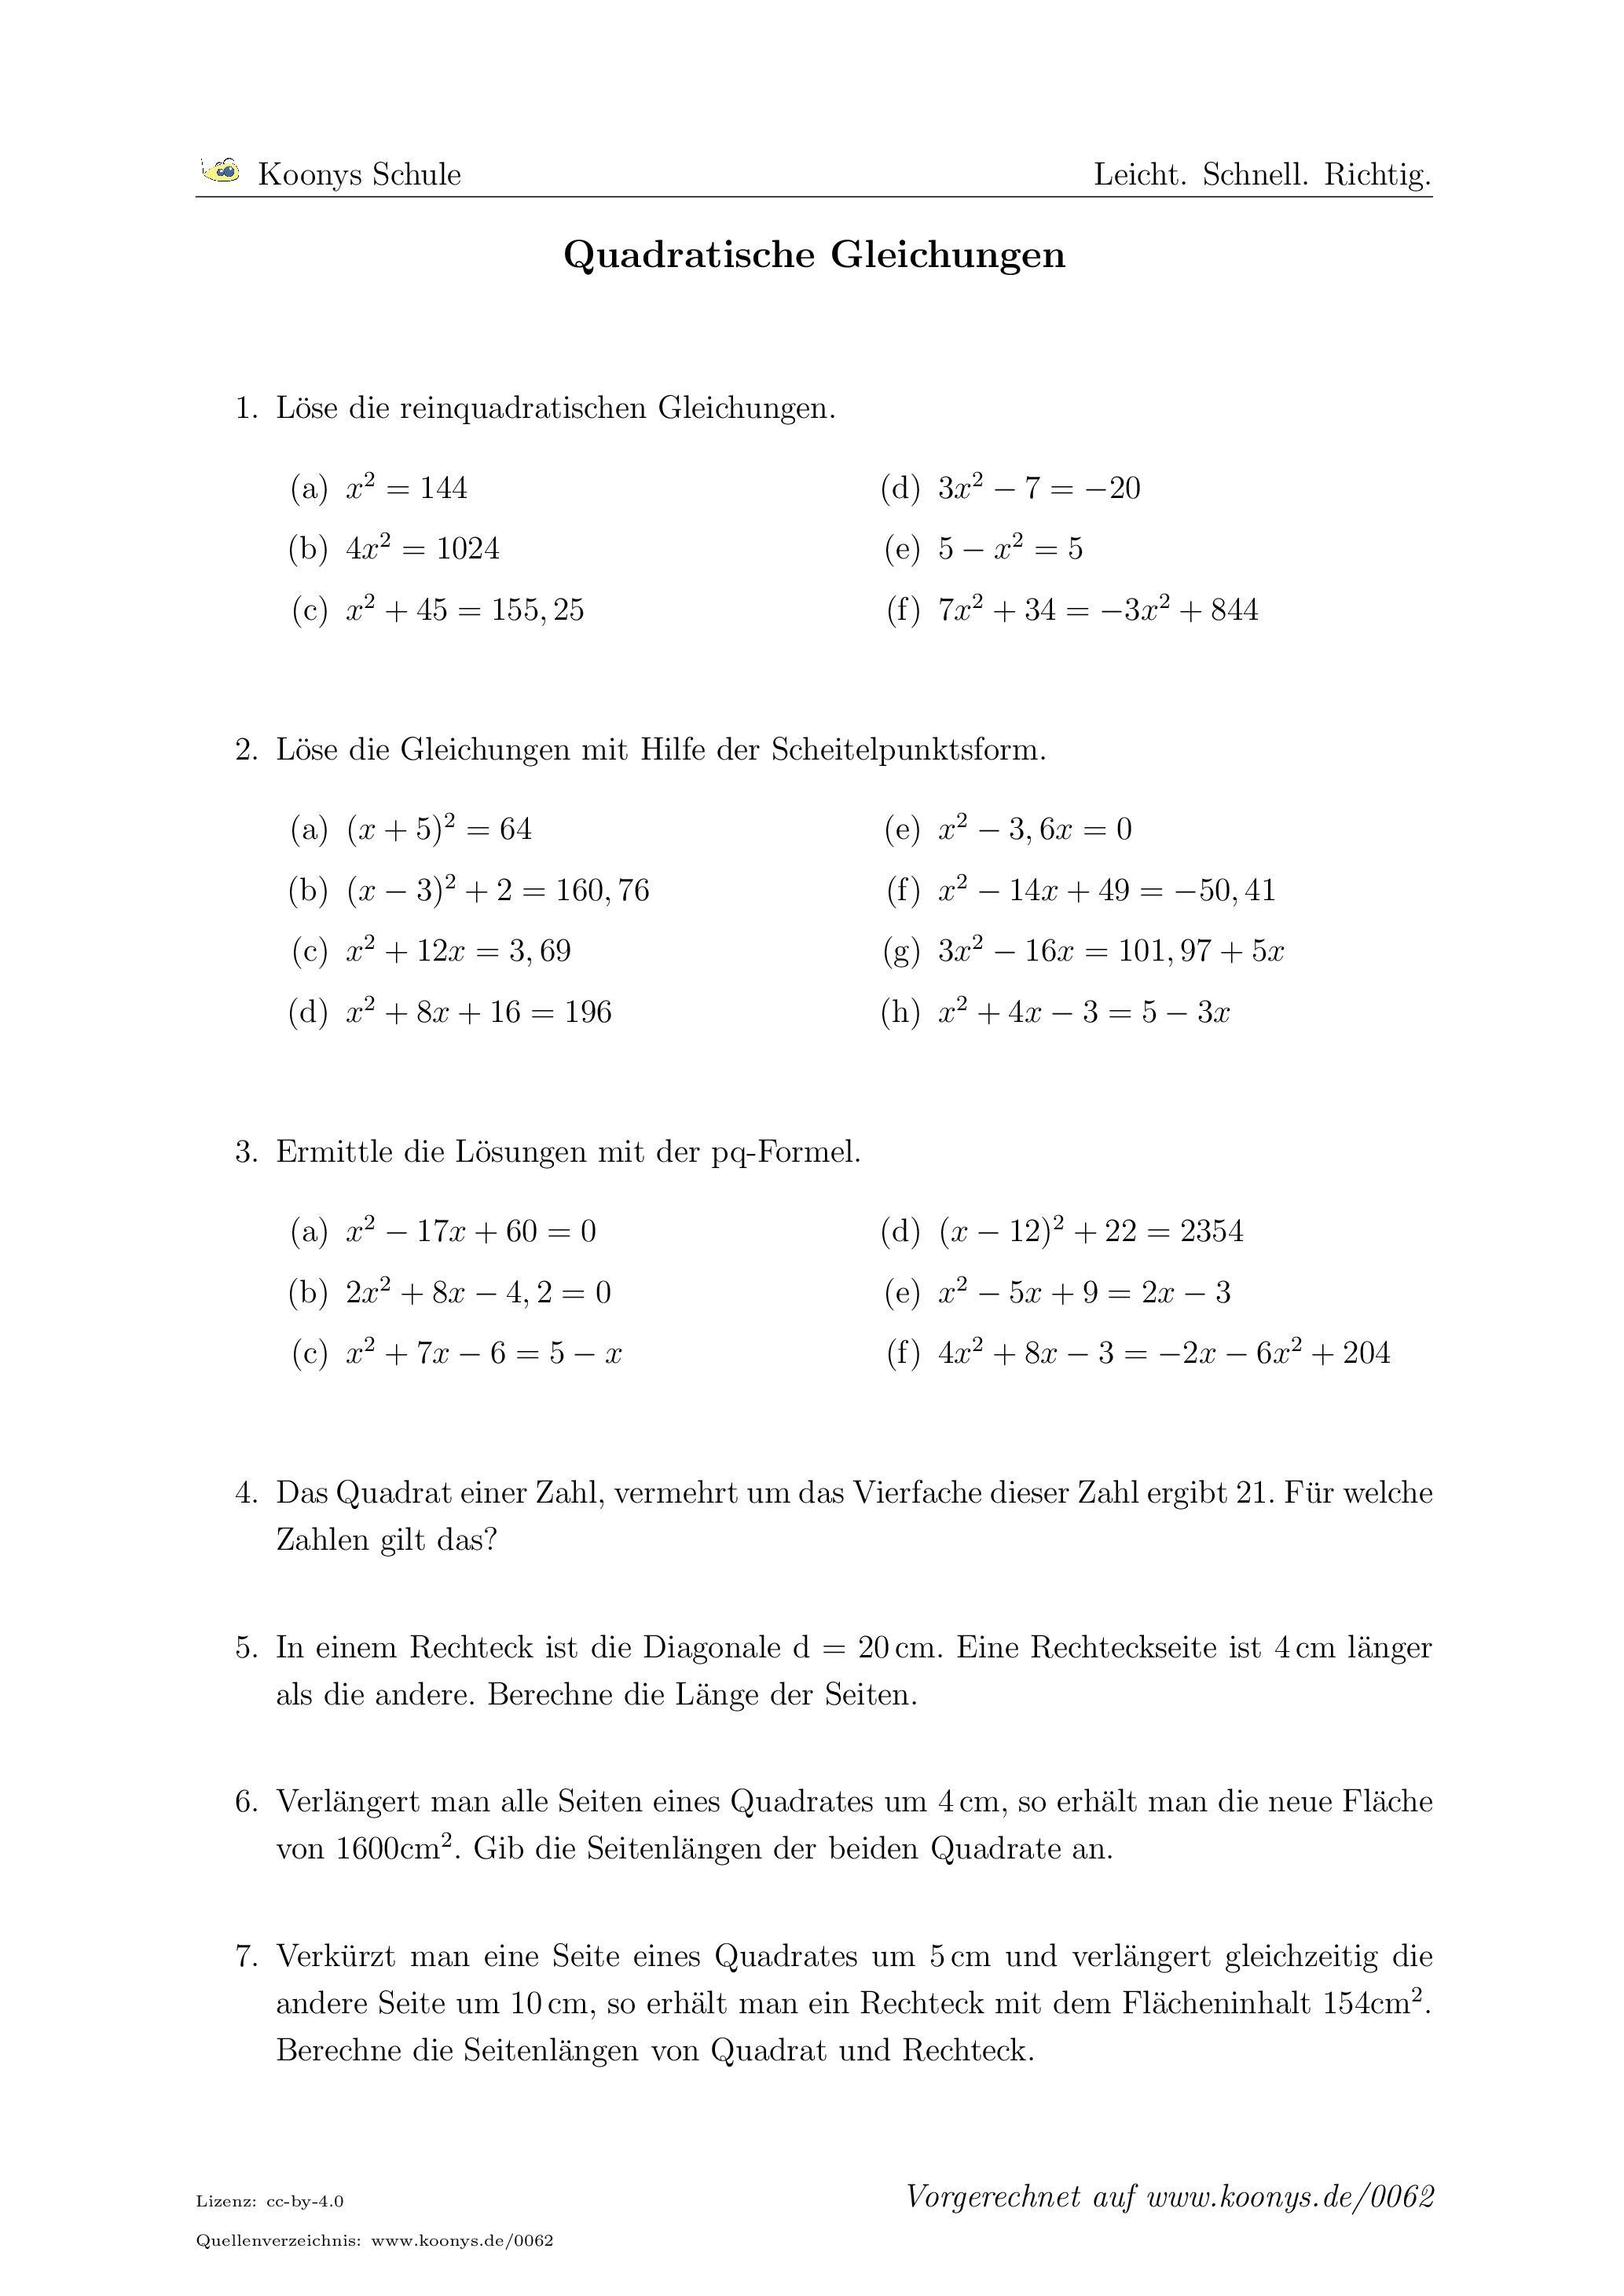 Aufgaben Quadratische Gleichungen mit Lösungen | Koonys